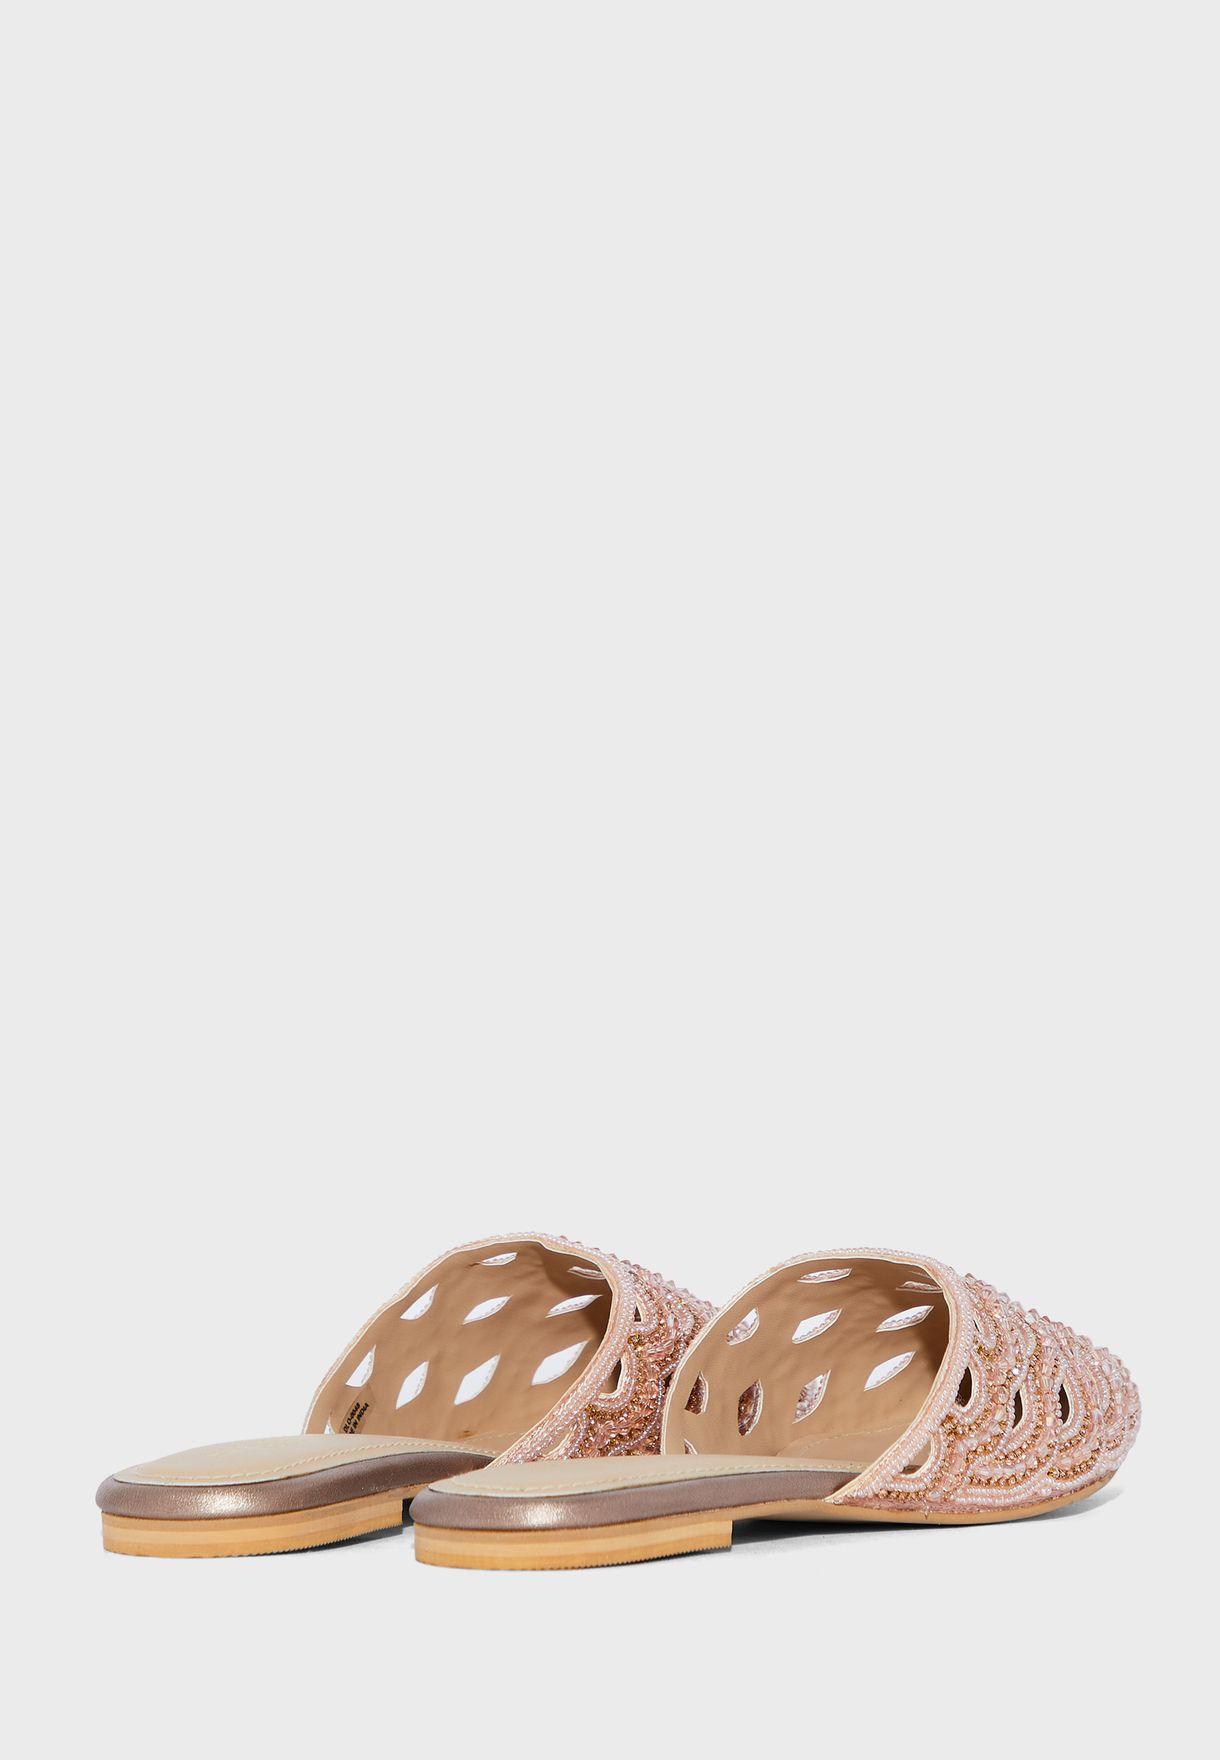 حذاء بدبابيس واحجار الراين